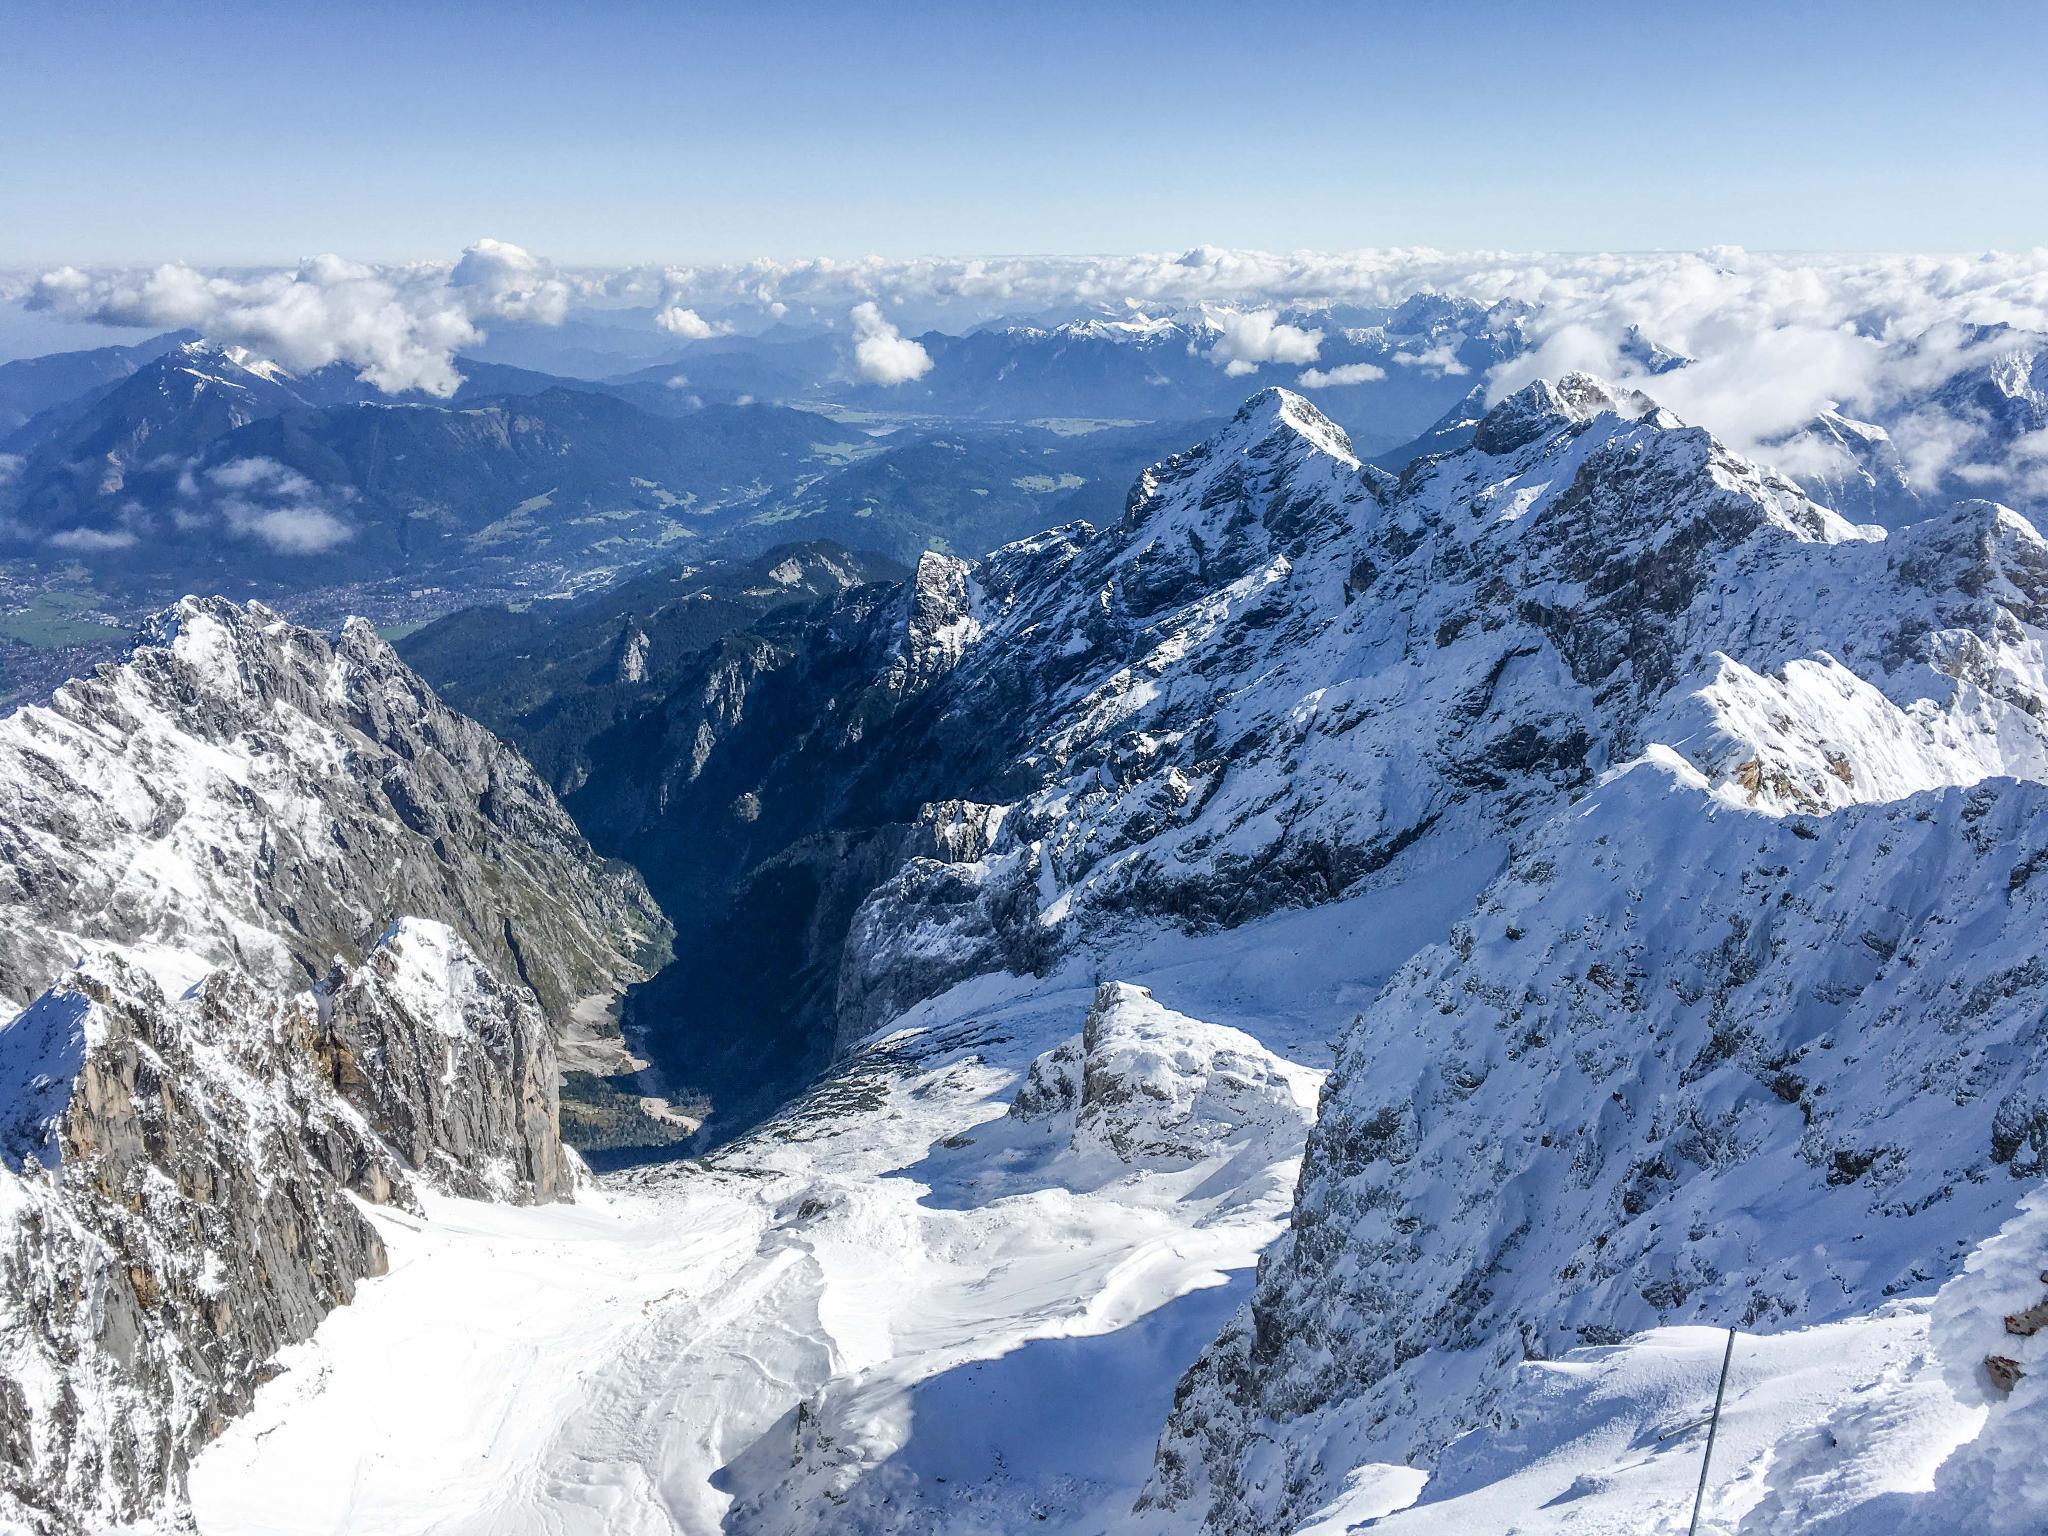 【德國】阿爾卑斯大道:楚格峰 (Zugspitze) 登上德國之巔 63